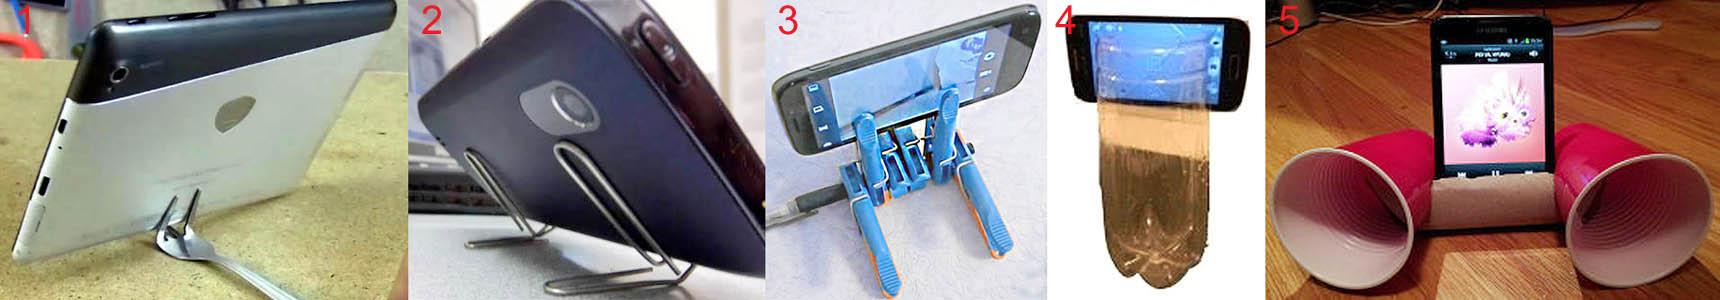 Подставки для телефонов, могущие попортить аппарат